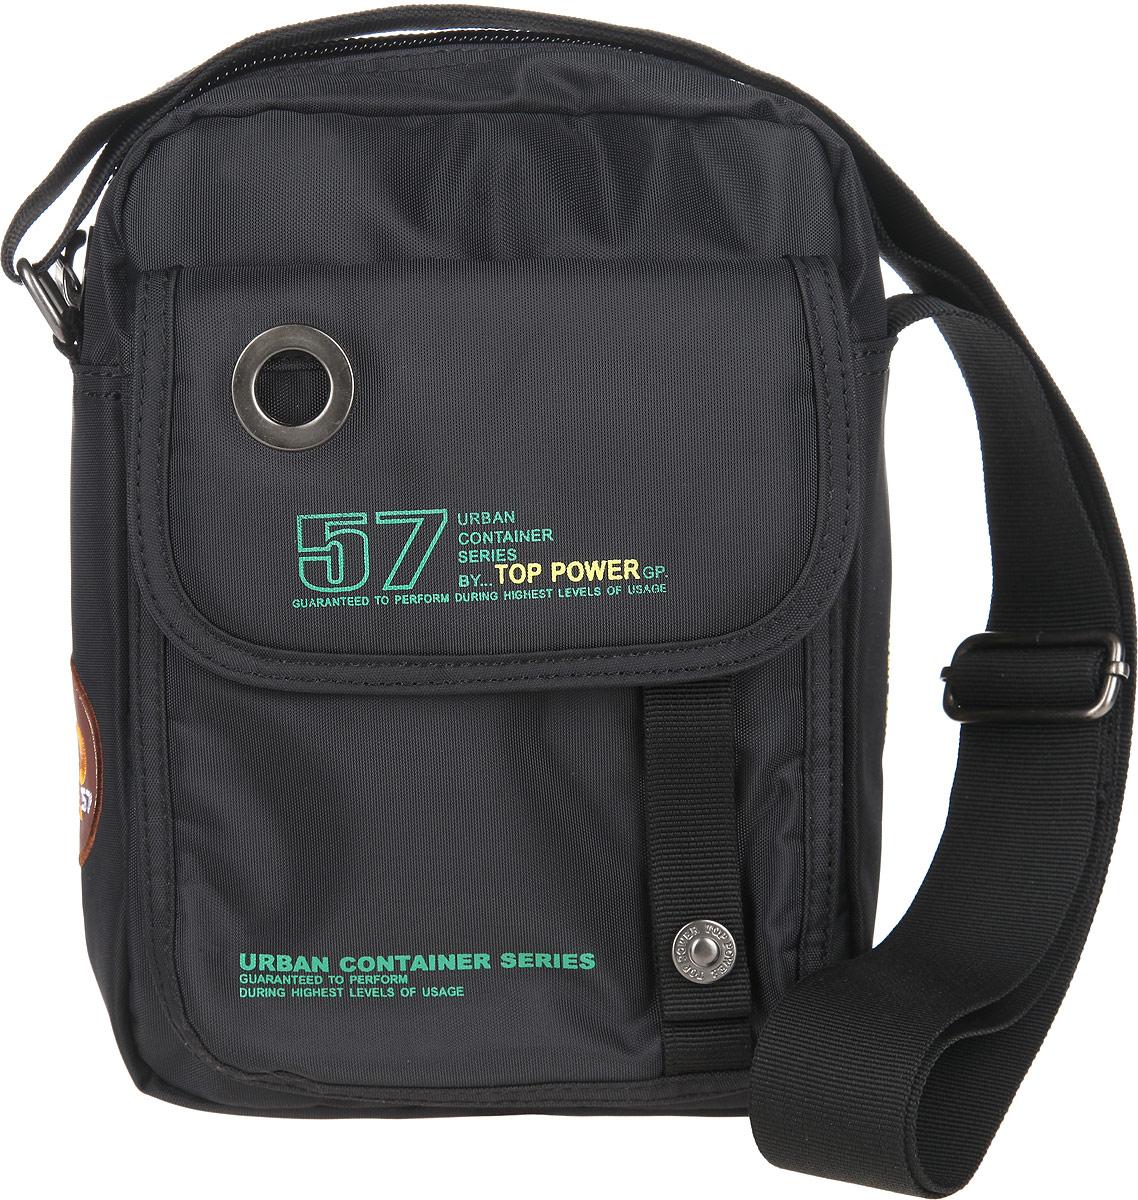 Сумка-планшет мужская Top Power, цвет: черный. 269 TP269 TP blackУдобная сумка-планшет Top Power изготовлена из полиэстера, оформлена металлической фурнитурой и символикой бренда. Изделие содержит одно основное отделение, которое закрывается на молнию. Внутри расположен врезной карман на молнии. Снаружи, на лицевой стороне изделия расположен накладной карман, закрывающийся клапаном на липучку. На задней стороне сумки расположен врезной карман на молнии. Сумка оснащена наплечным ремнем регулируемой длины. Практичный аксессуар прекрасно дополнит образ и подчеркнет ваш деловой стиль.